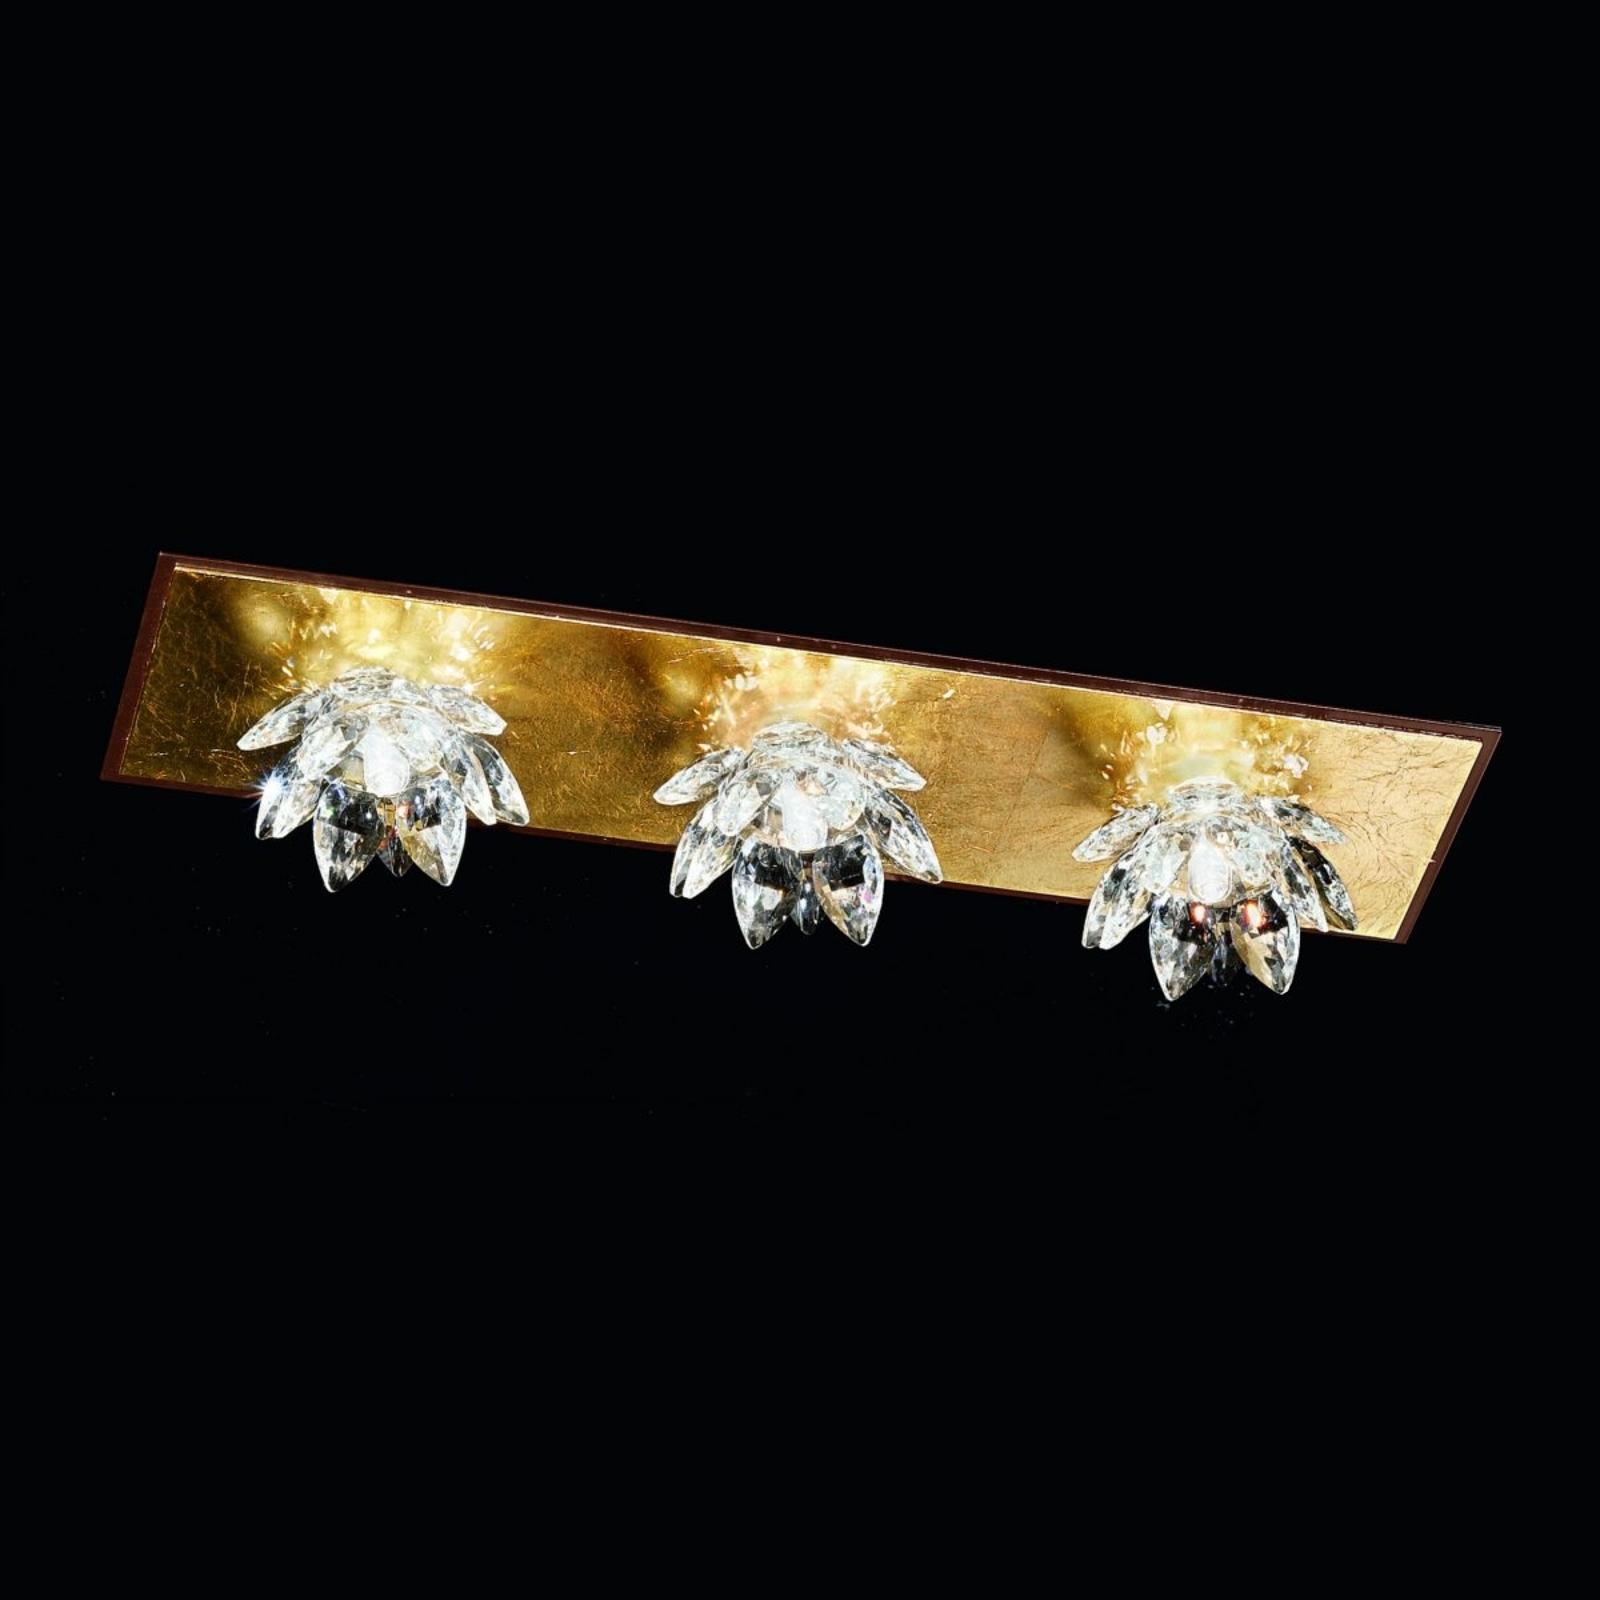 Fiore-taklampe gullblad og krystall 3-lk